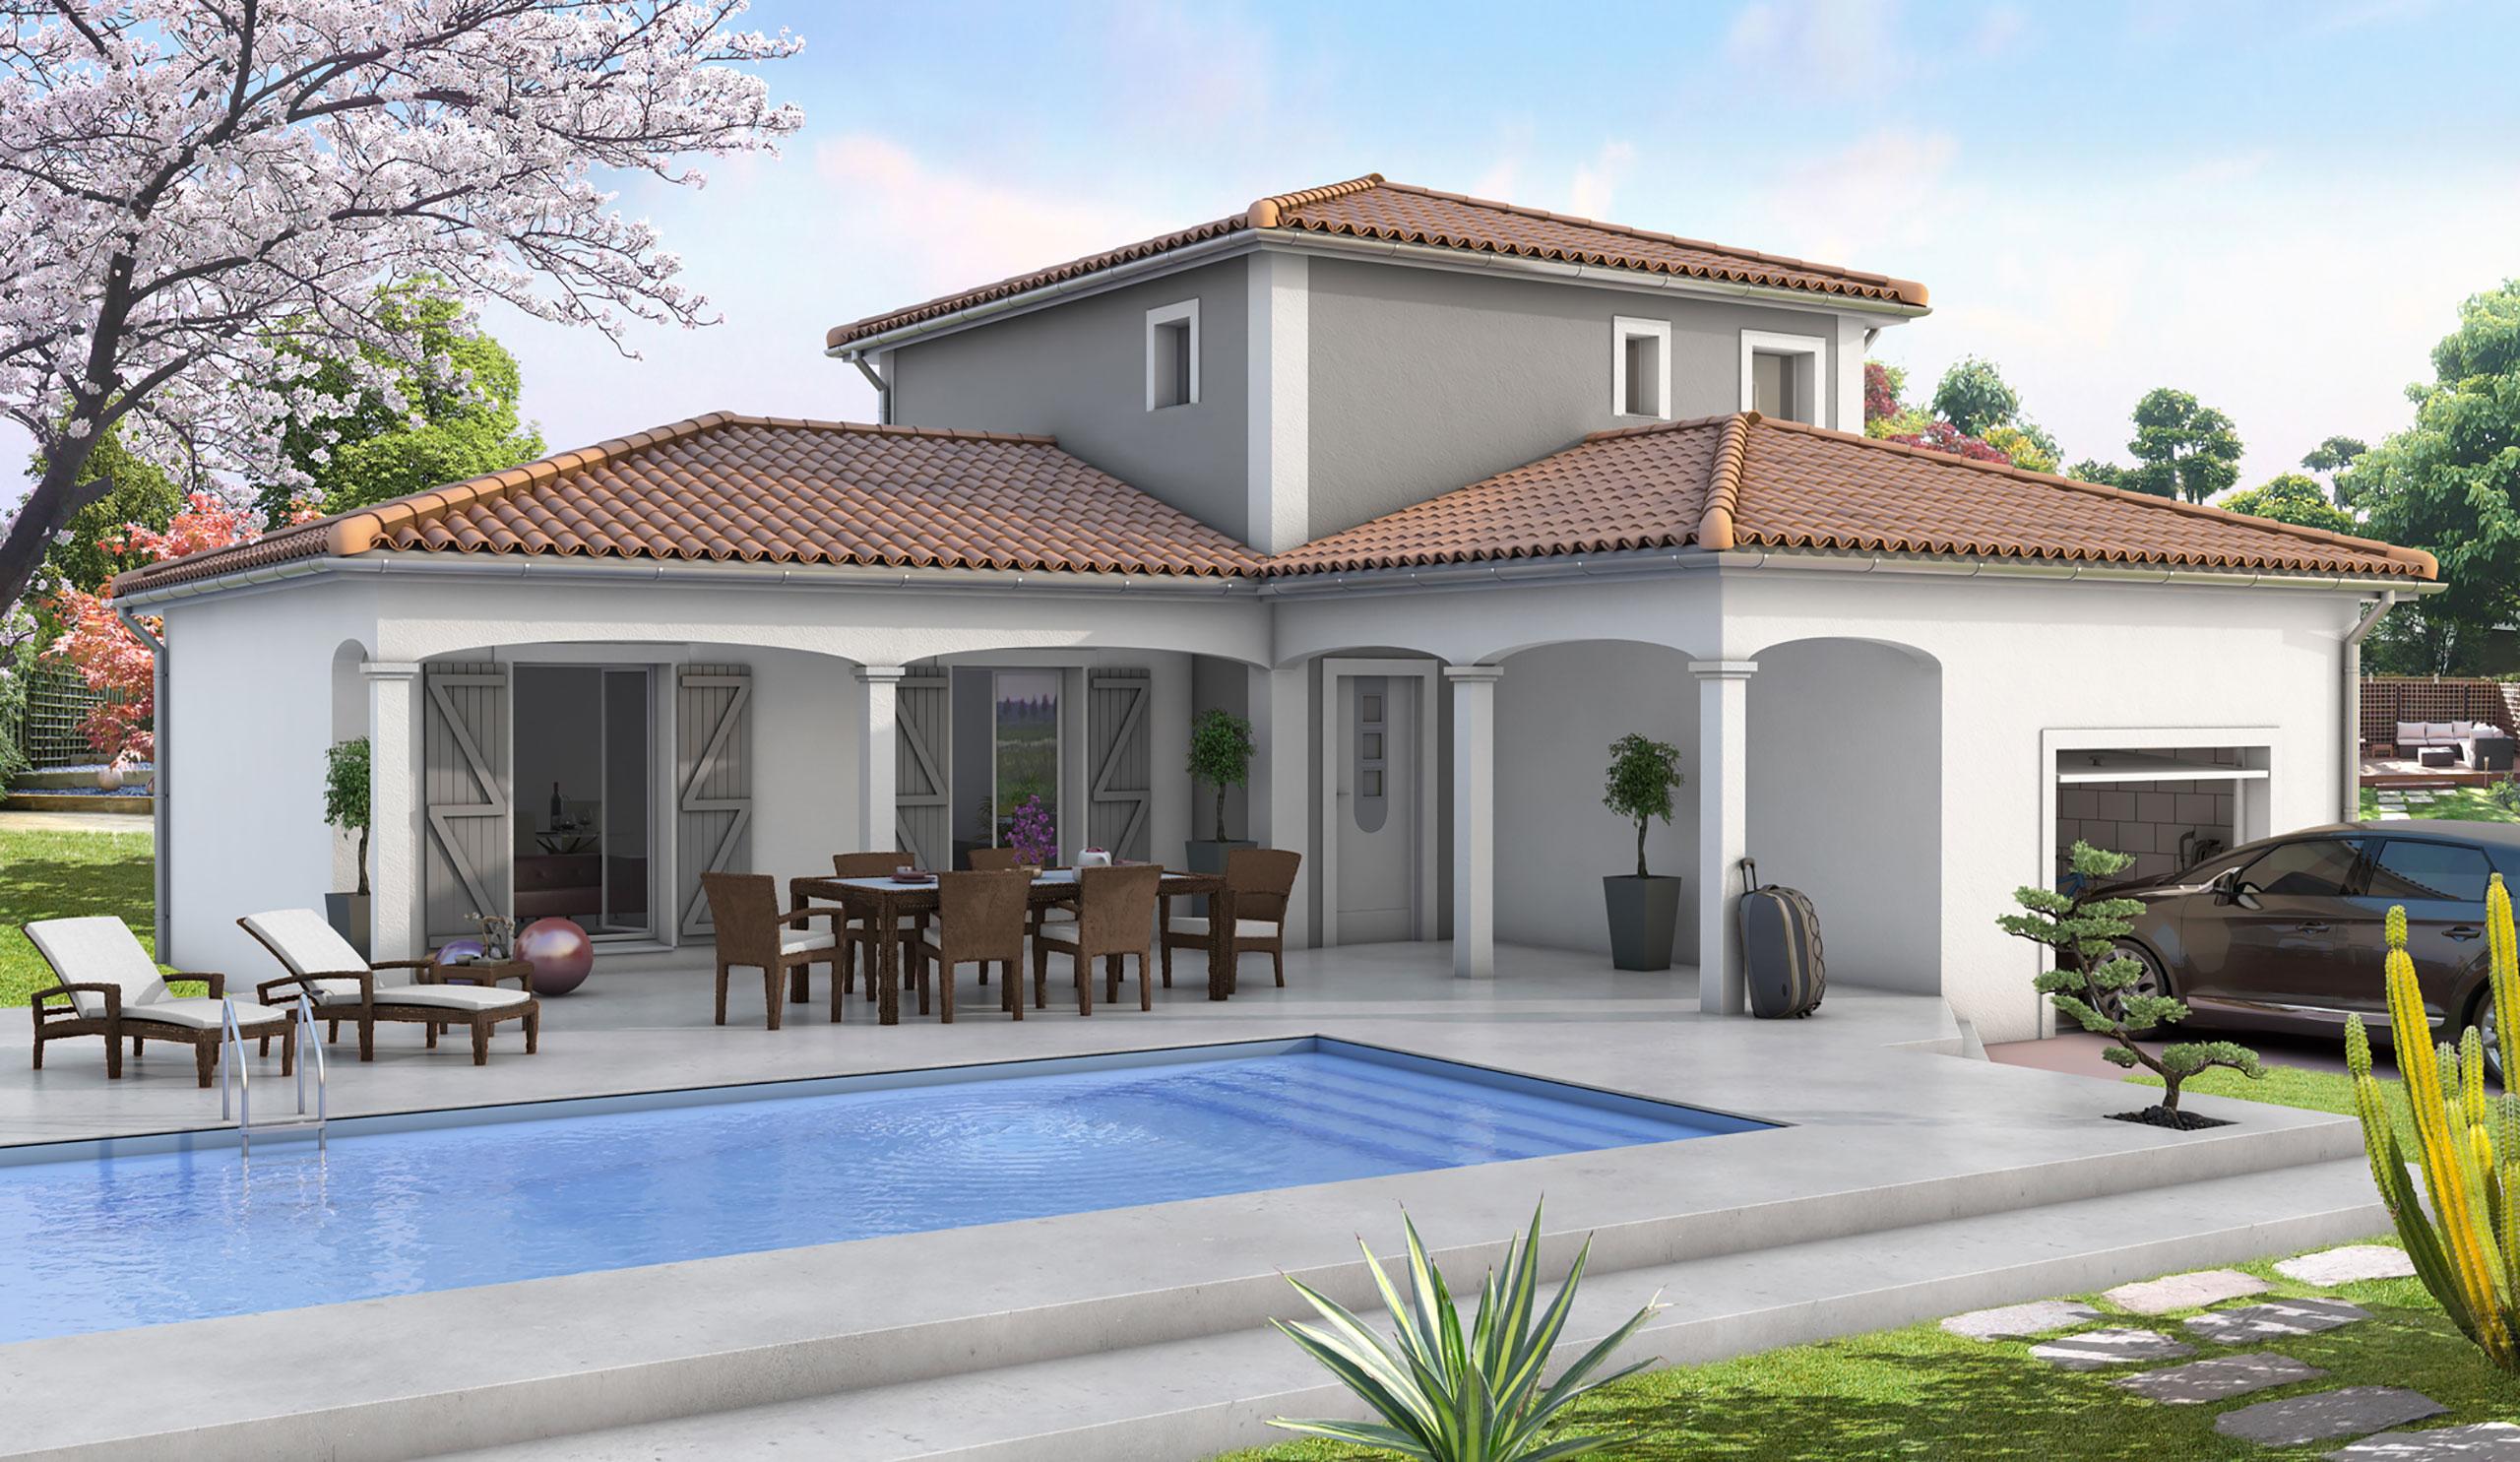 Ancien Modele Maison Contemporaine Charme Demeures D Occitanie Constructeur Maison Neuve Occitanie Region Sud